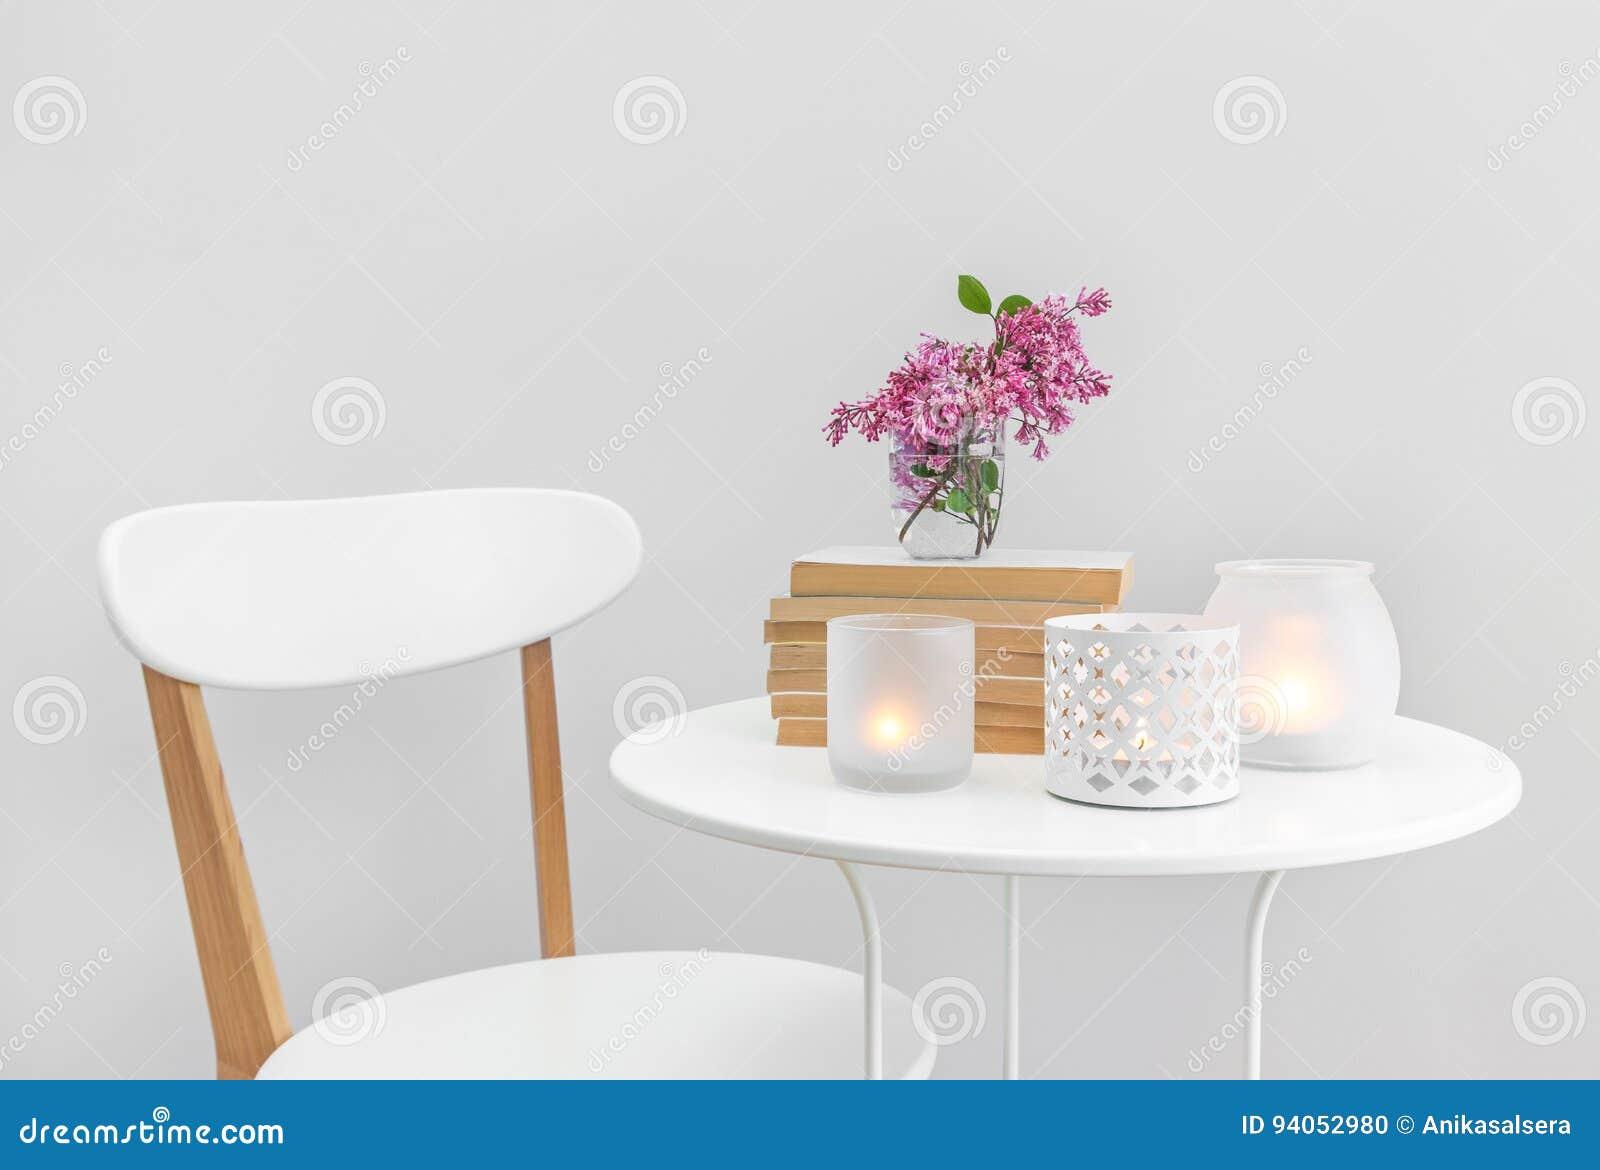 Undersöka ljus, böcker och blommor på en vit tabell